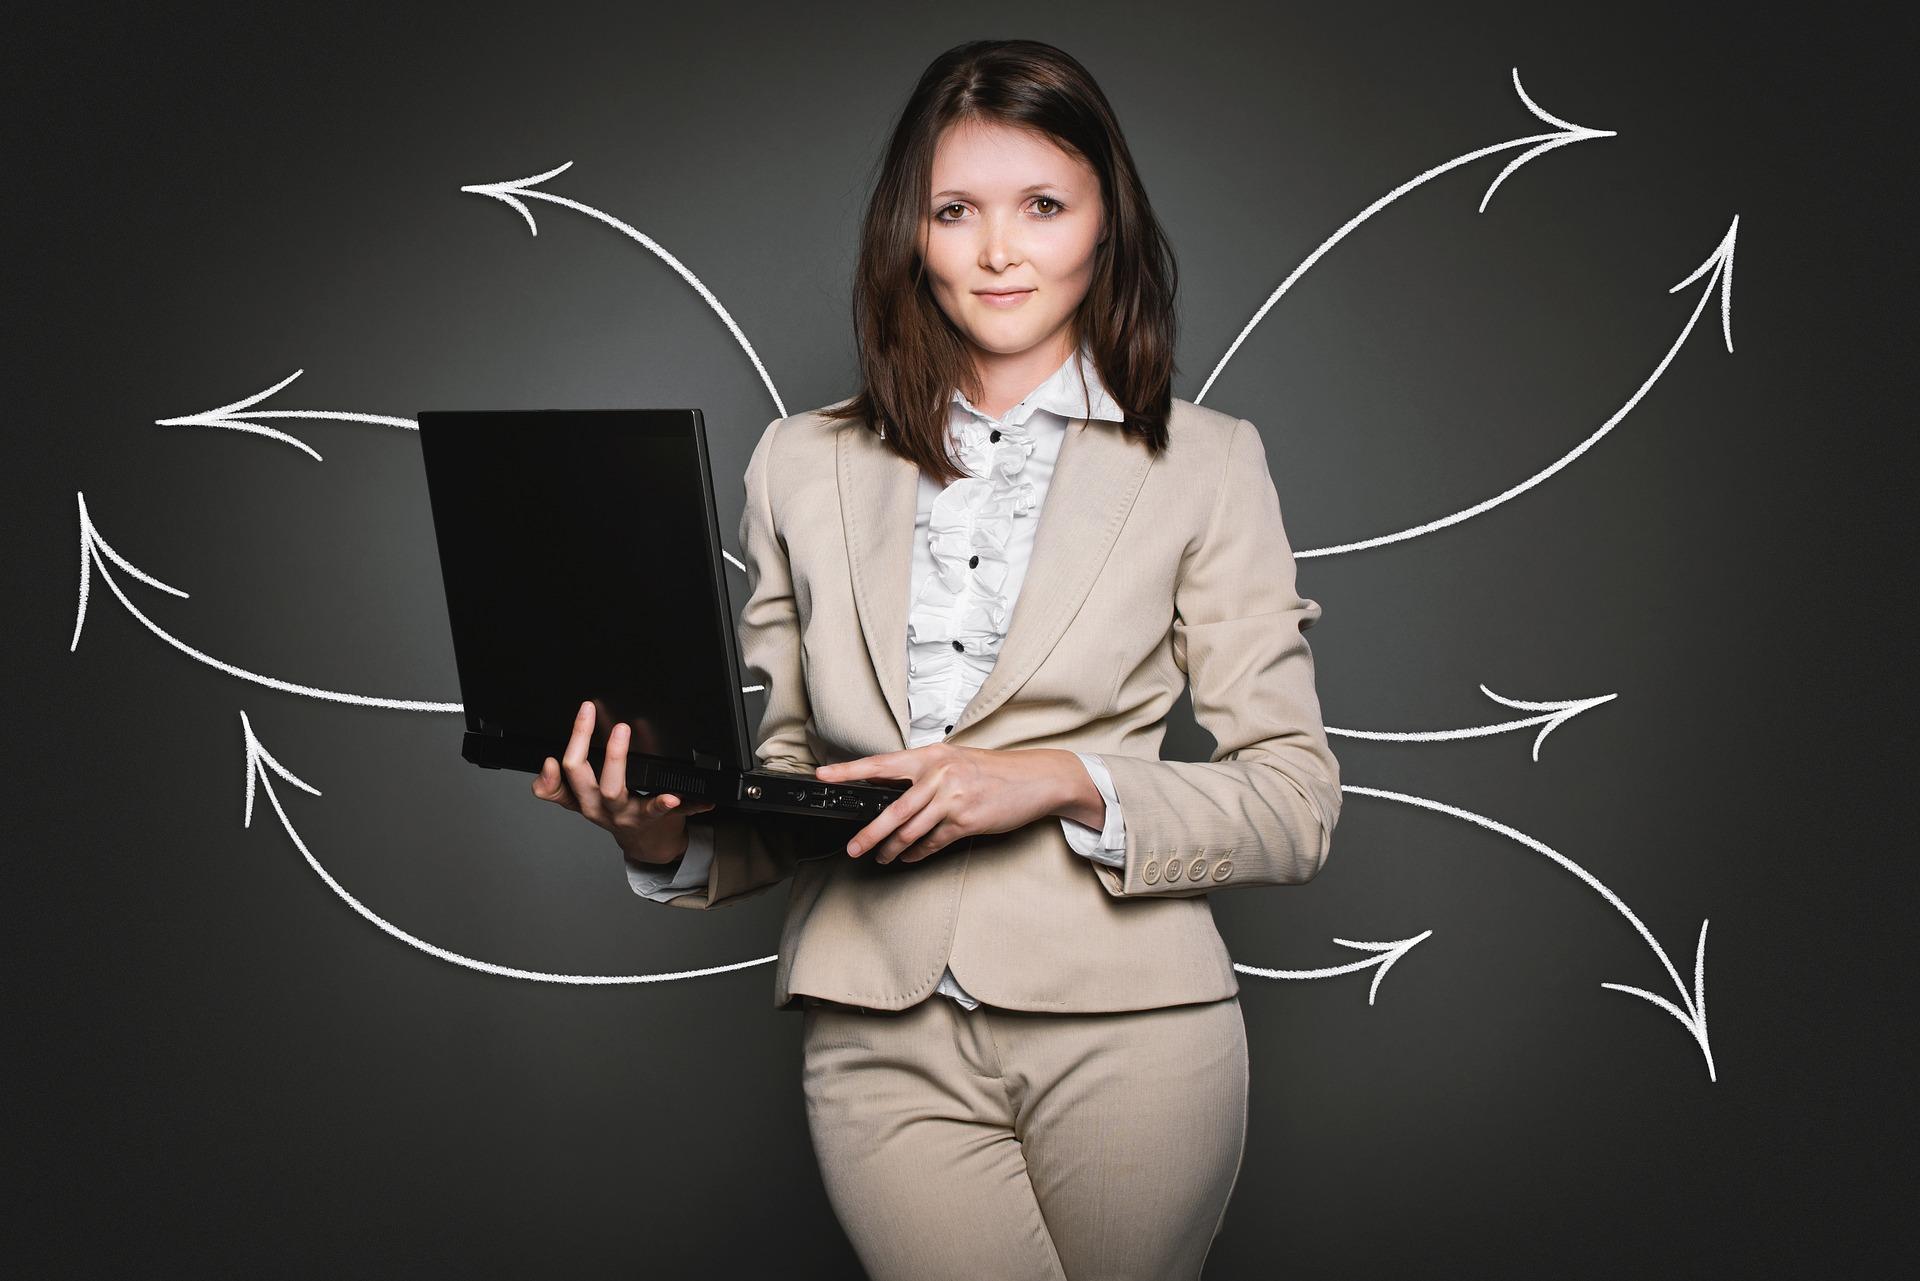 Četiri koraka za unapređenje poslovnih odnosa